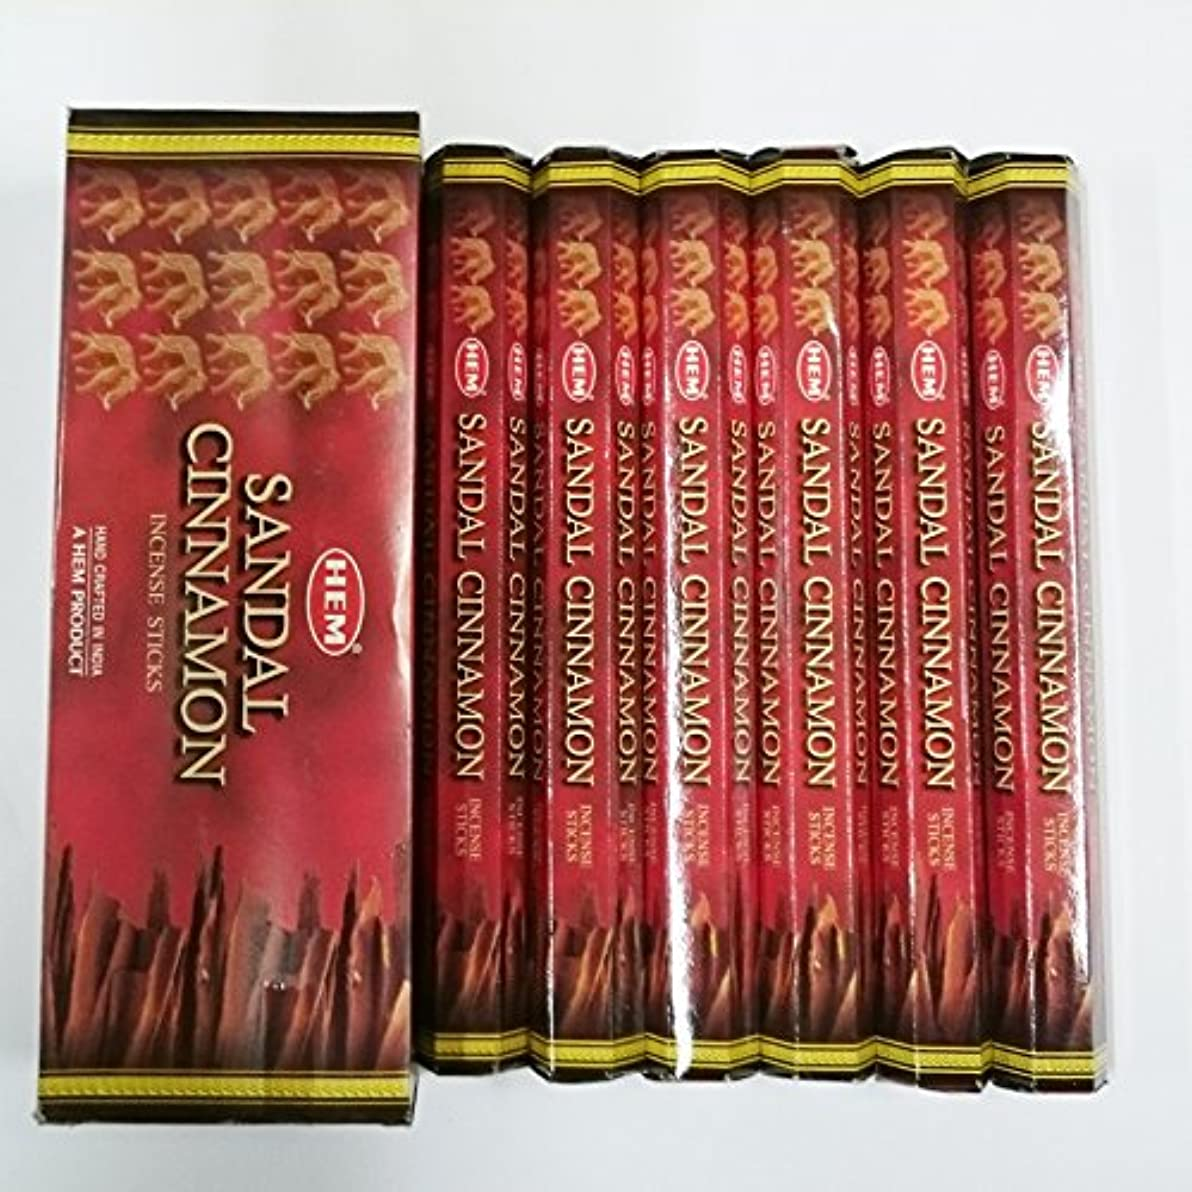 専らメッシュオートメーションHEM (ヘム) インセンス スティック へキサパック サンダル シナモン香 6角(20本入)×6箱 [並行輸入品]Sandal Cinnamon